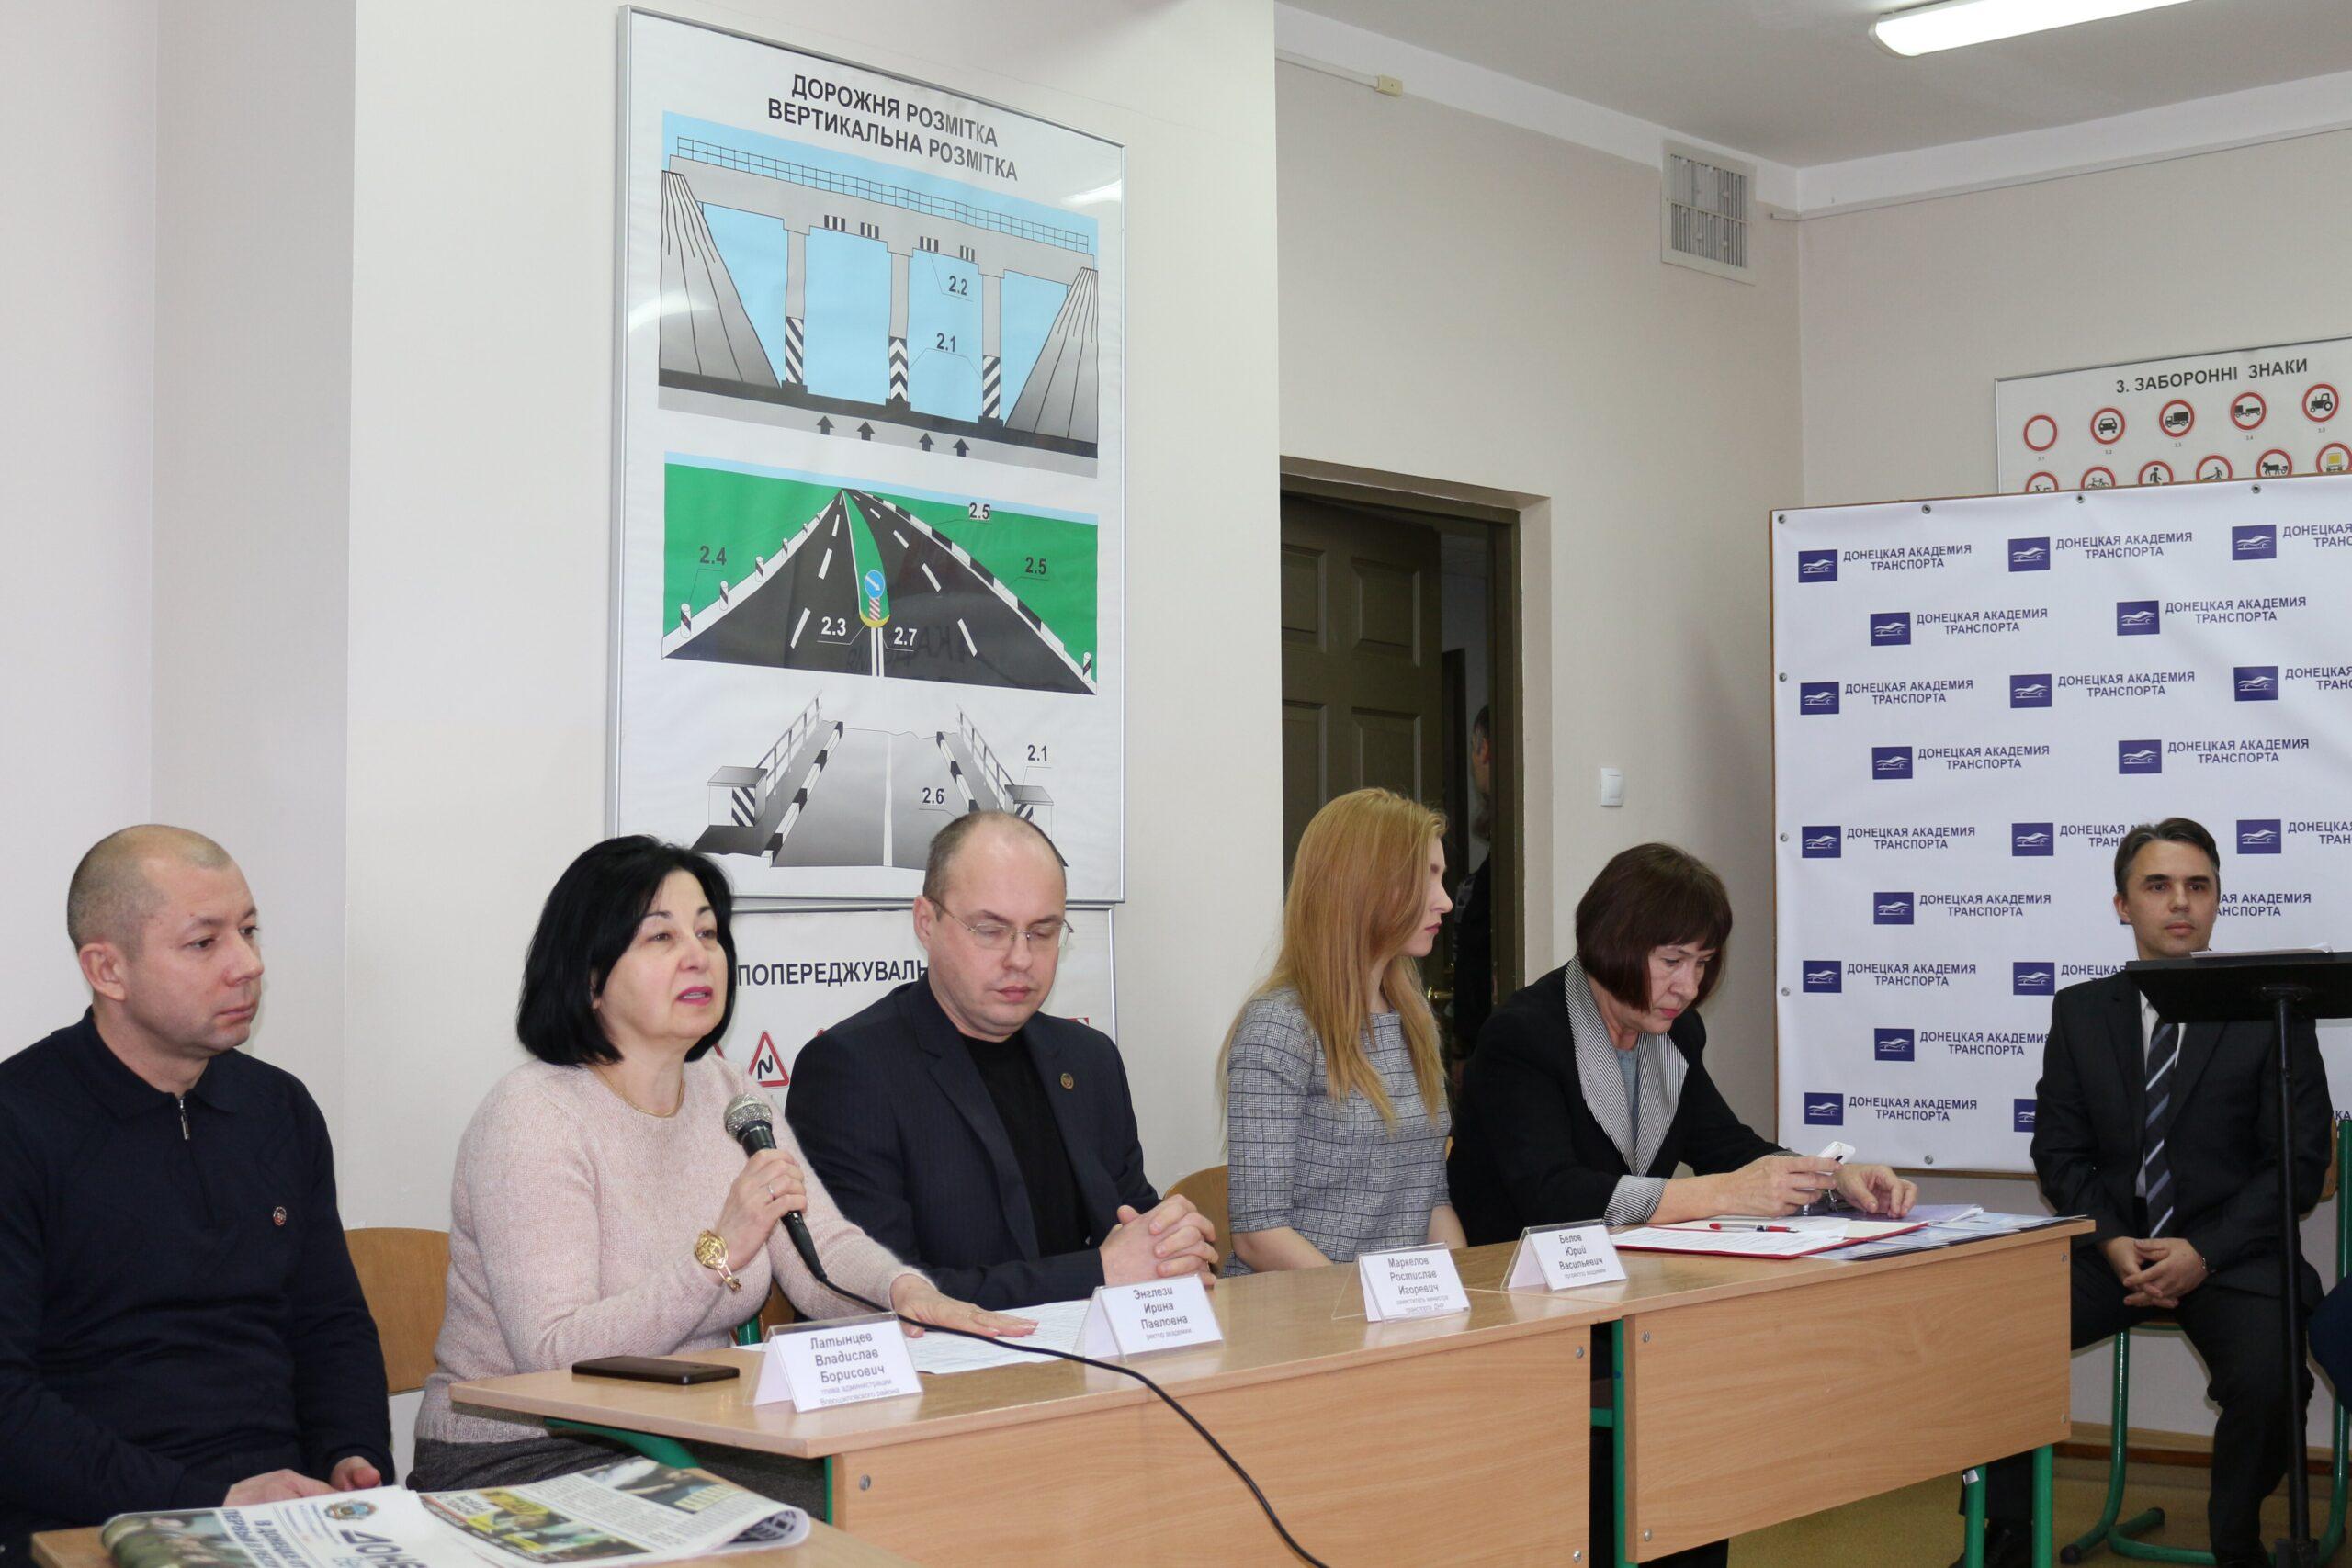 Пресс-конференция «Содружество и партнерство с Россией в сфере образования»